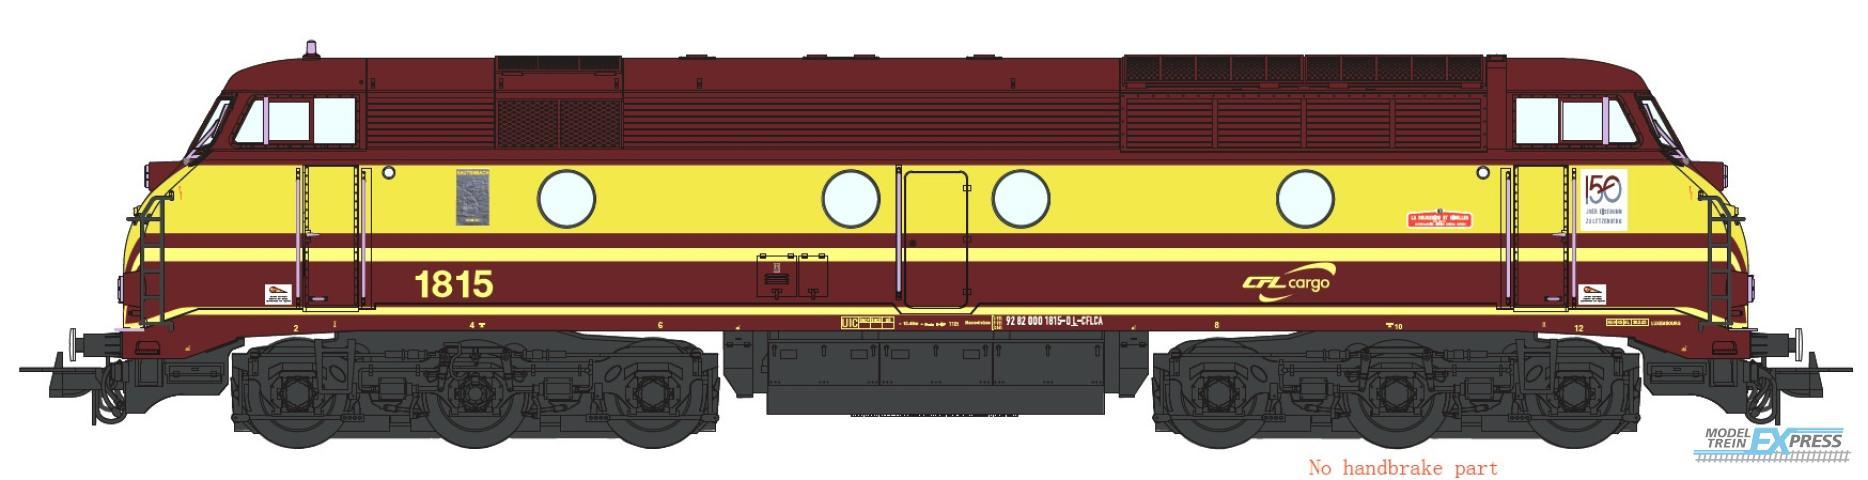 B-Models 20.207